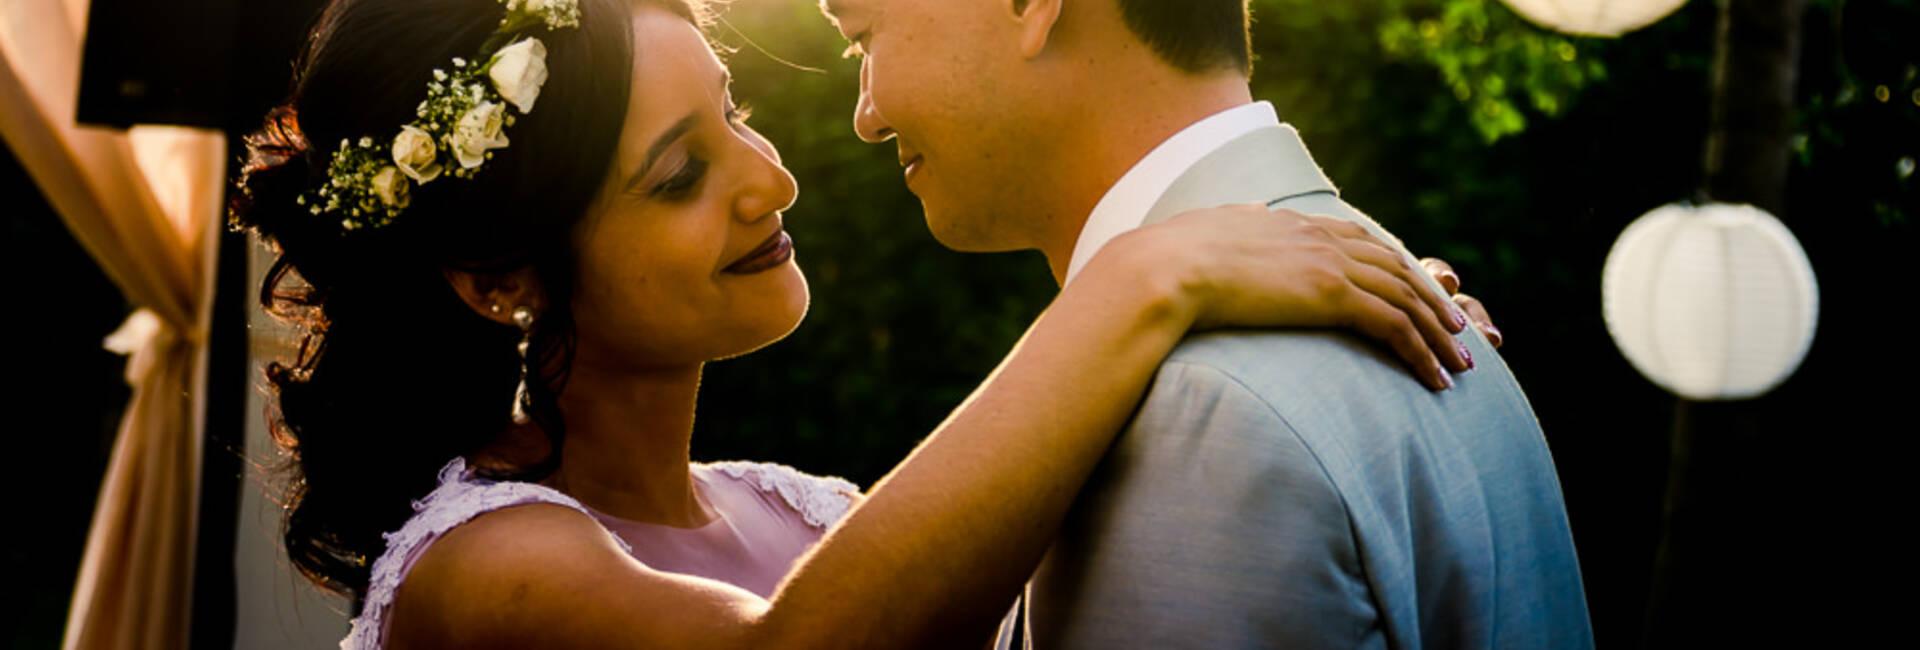 Casamento de Ângela e Alexandre Chu